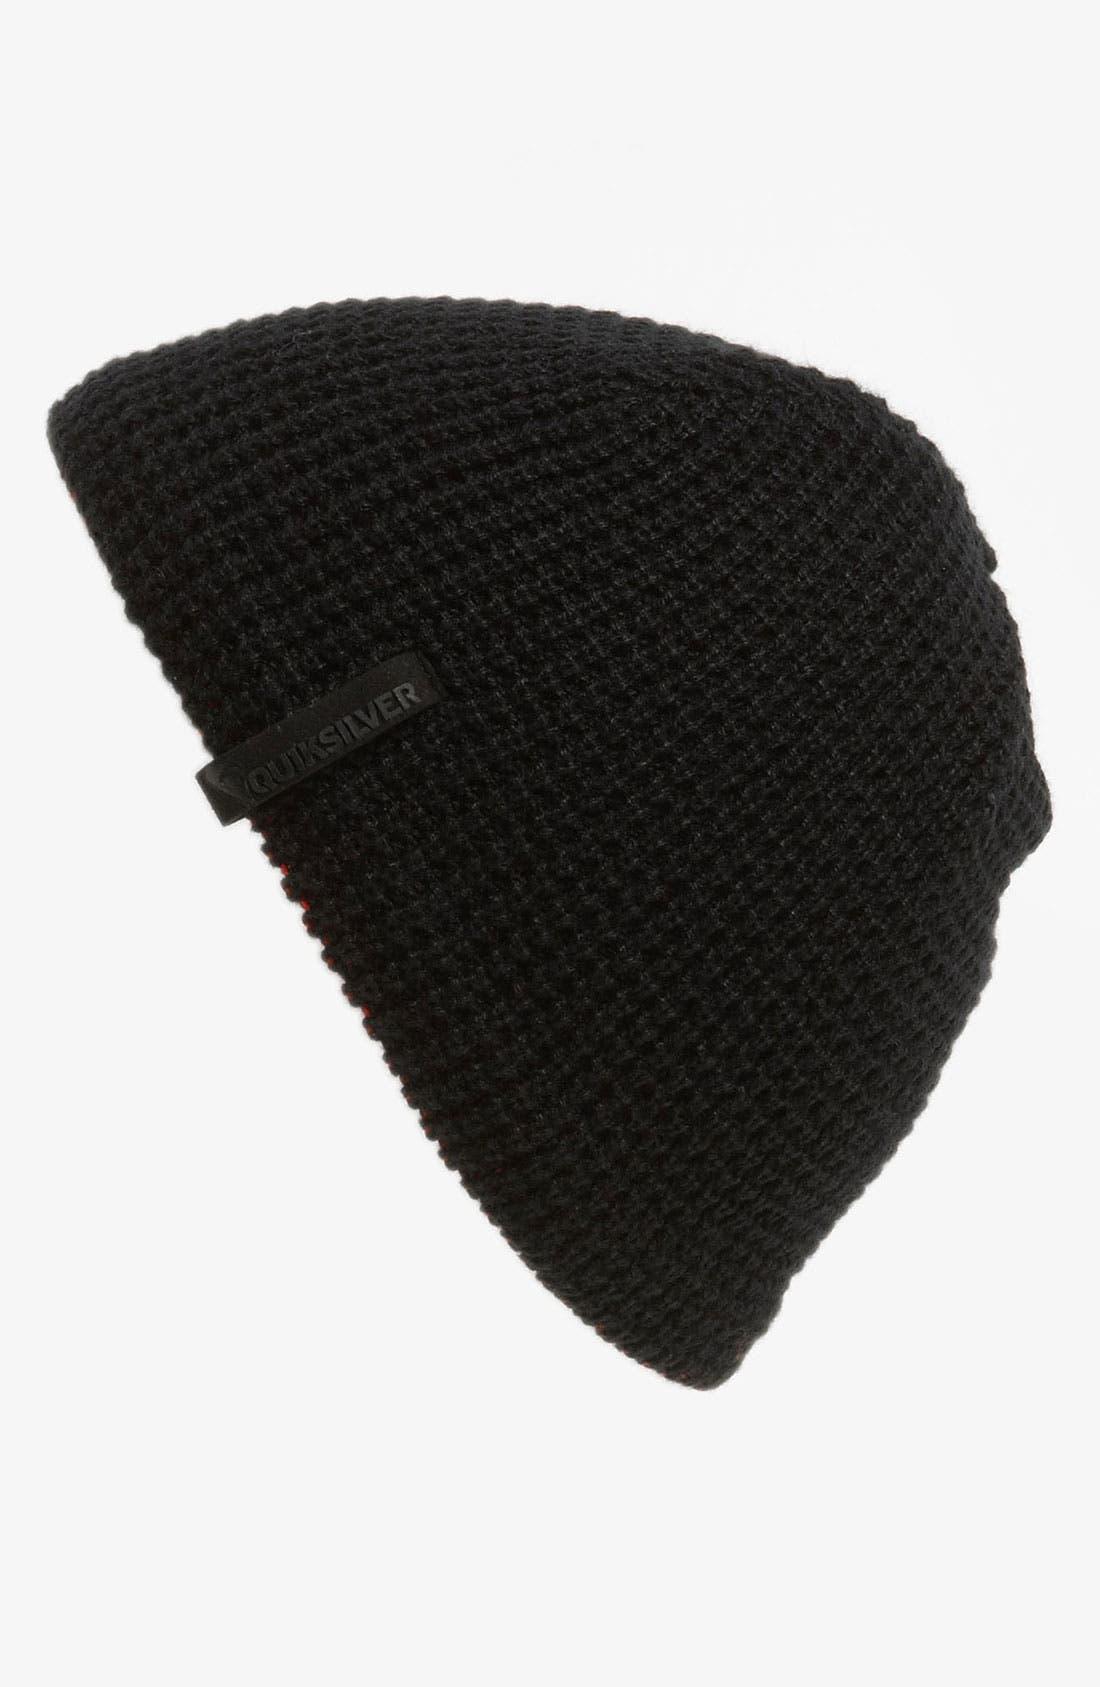 Alternate Image 1 Selected - Quiksilver 'Crumps' Reversible Cap (Toddler)